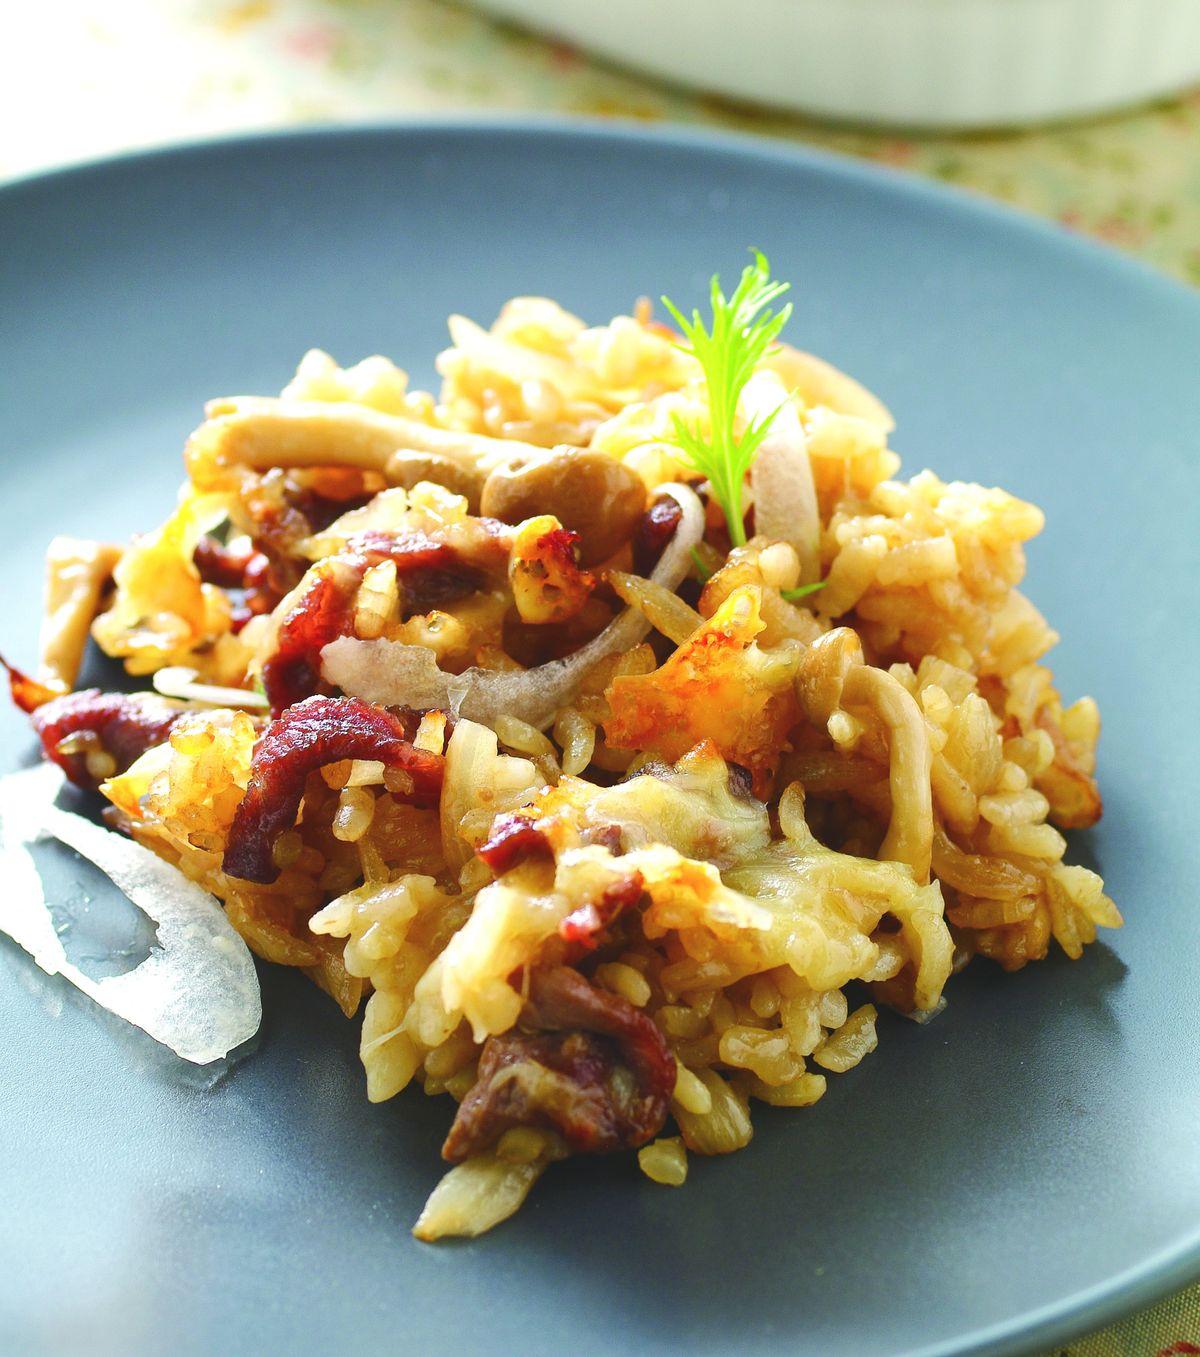 食譜:日式洋蔥牛肉焗飯